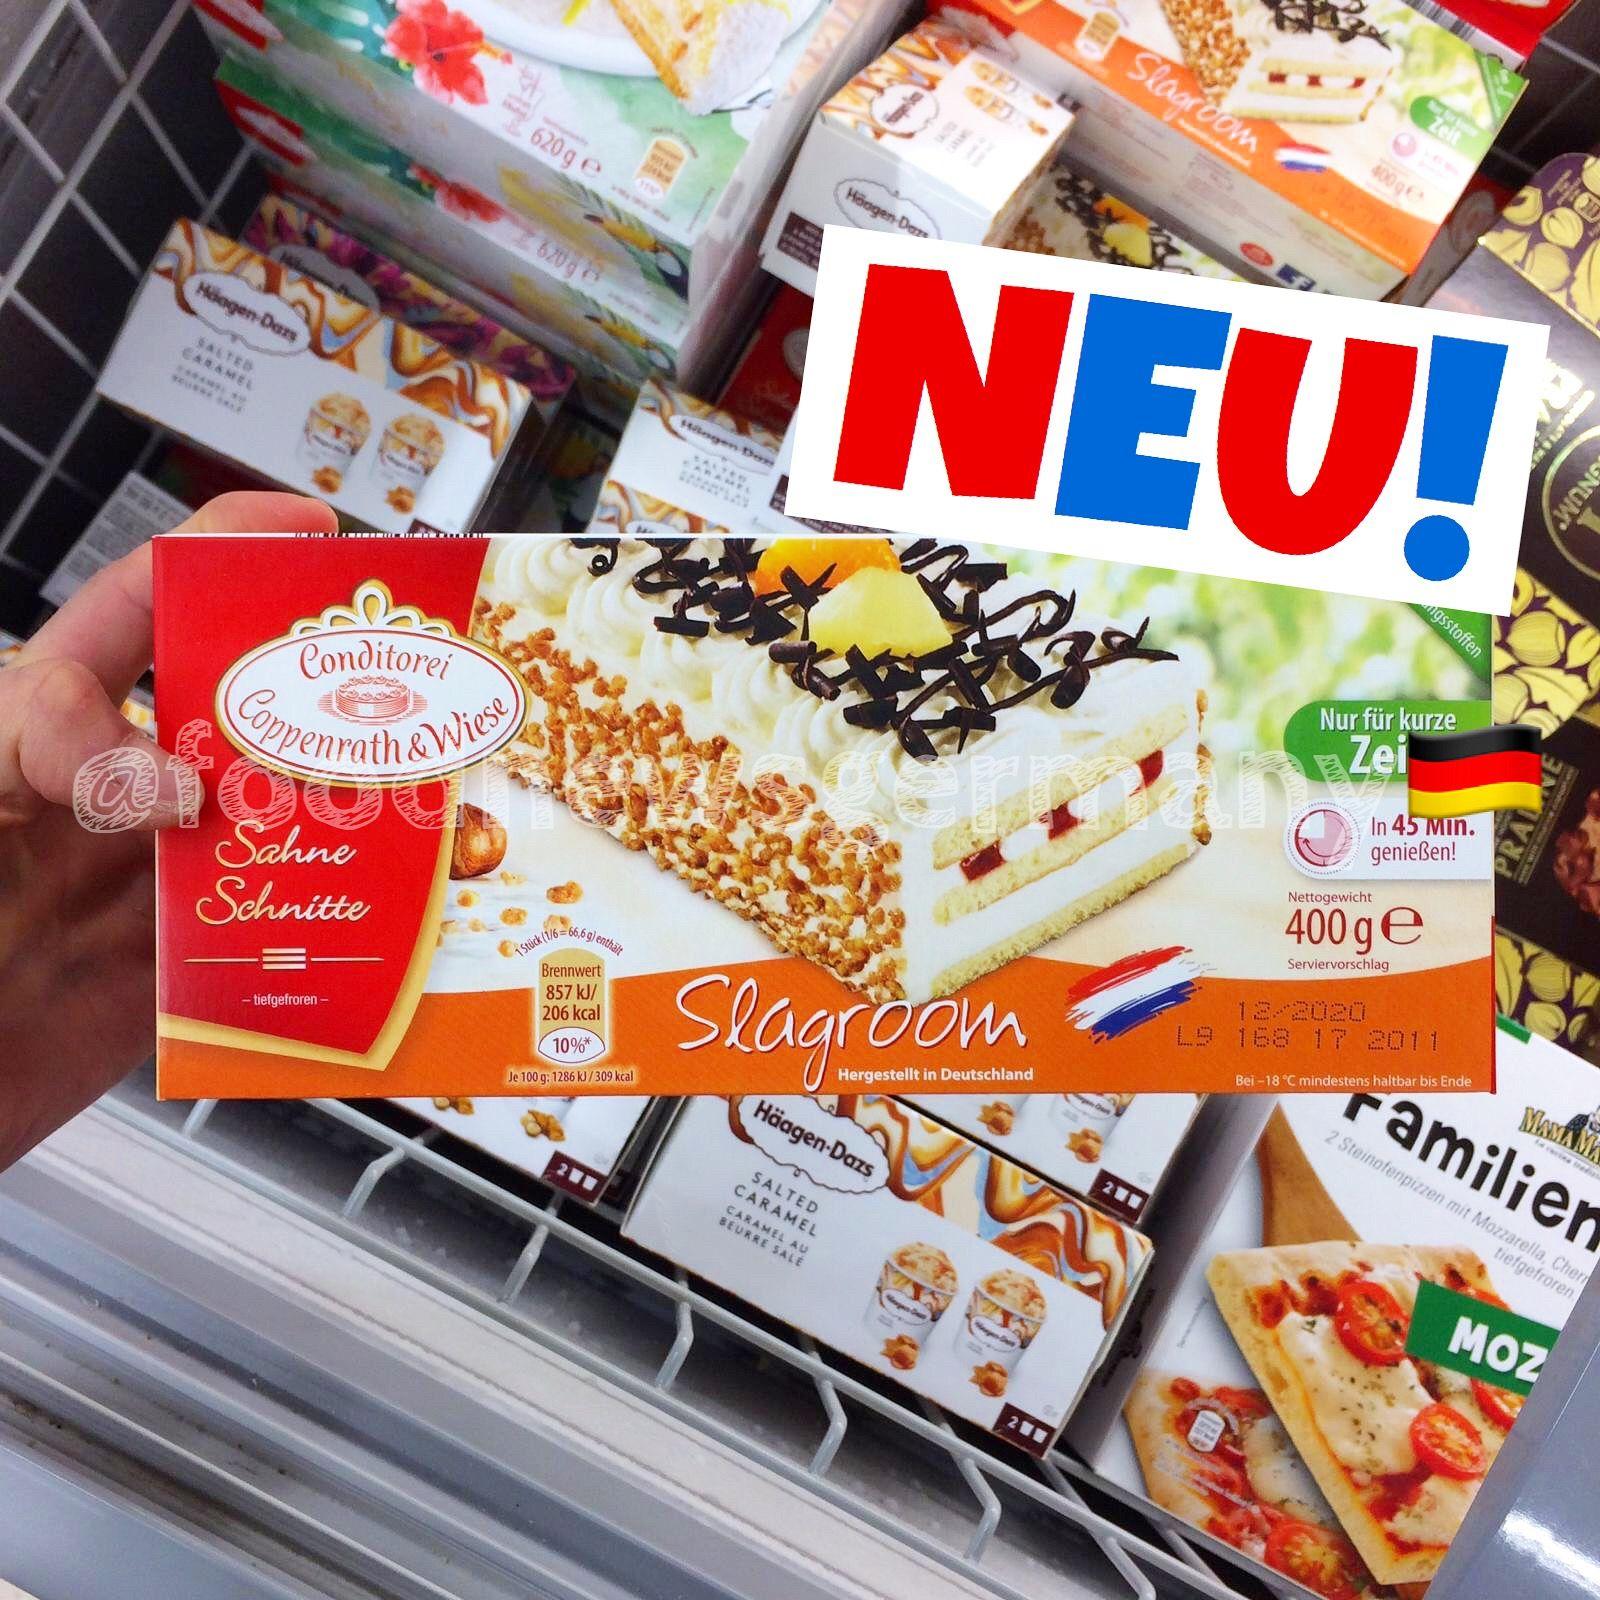 Coppenrath Wiese Neu Im Supermarkt Neu Im Laden Foodnews Foodnewsgermany Foodnewsgermany 2019 Lebensmittelne Kinder Schokolade Schnittchen Lebensmittel